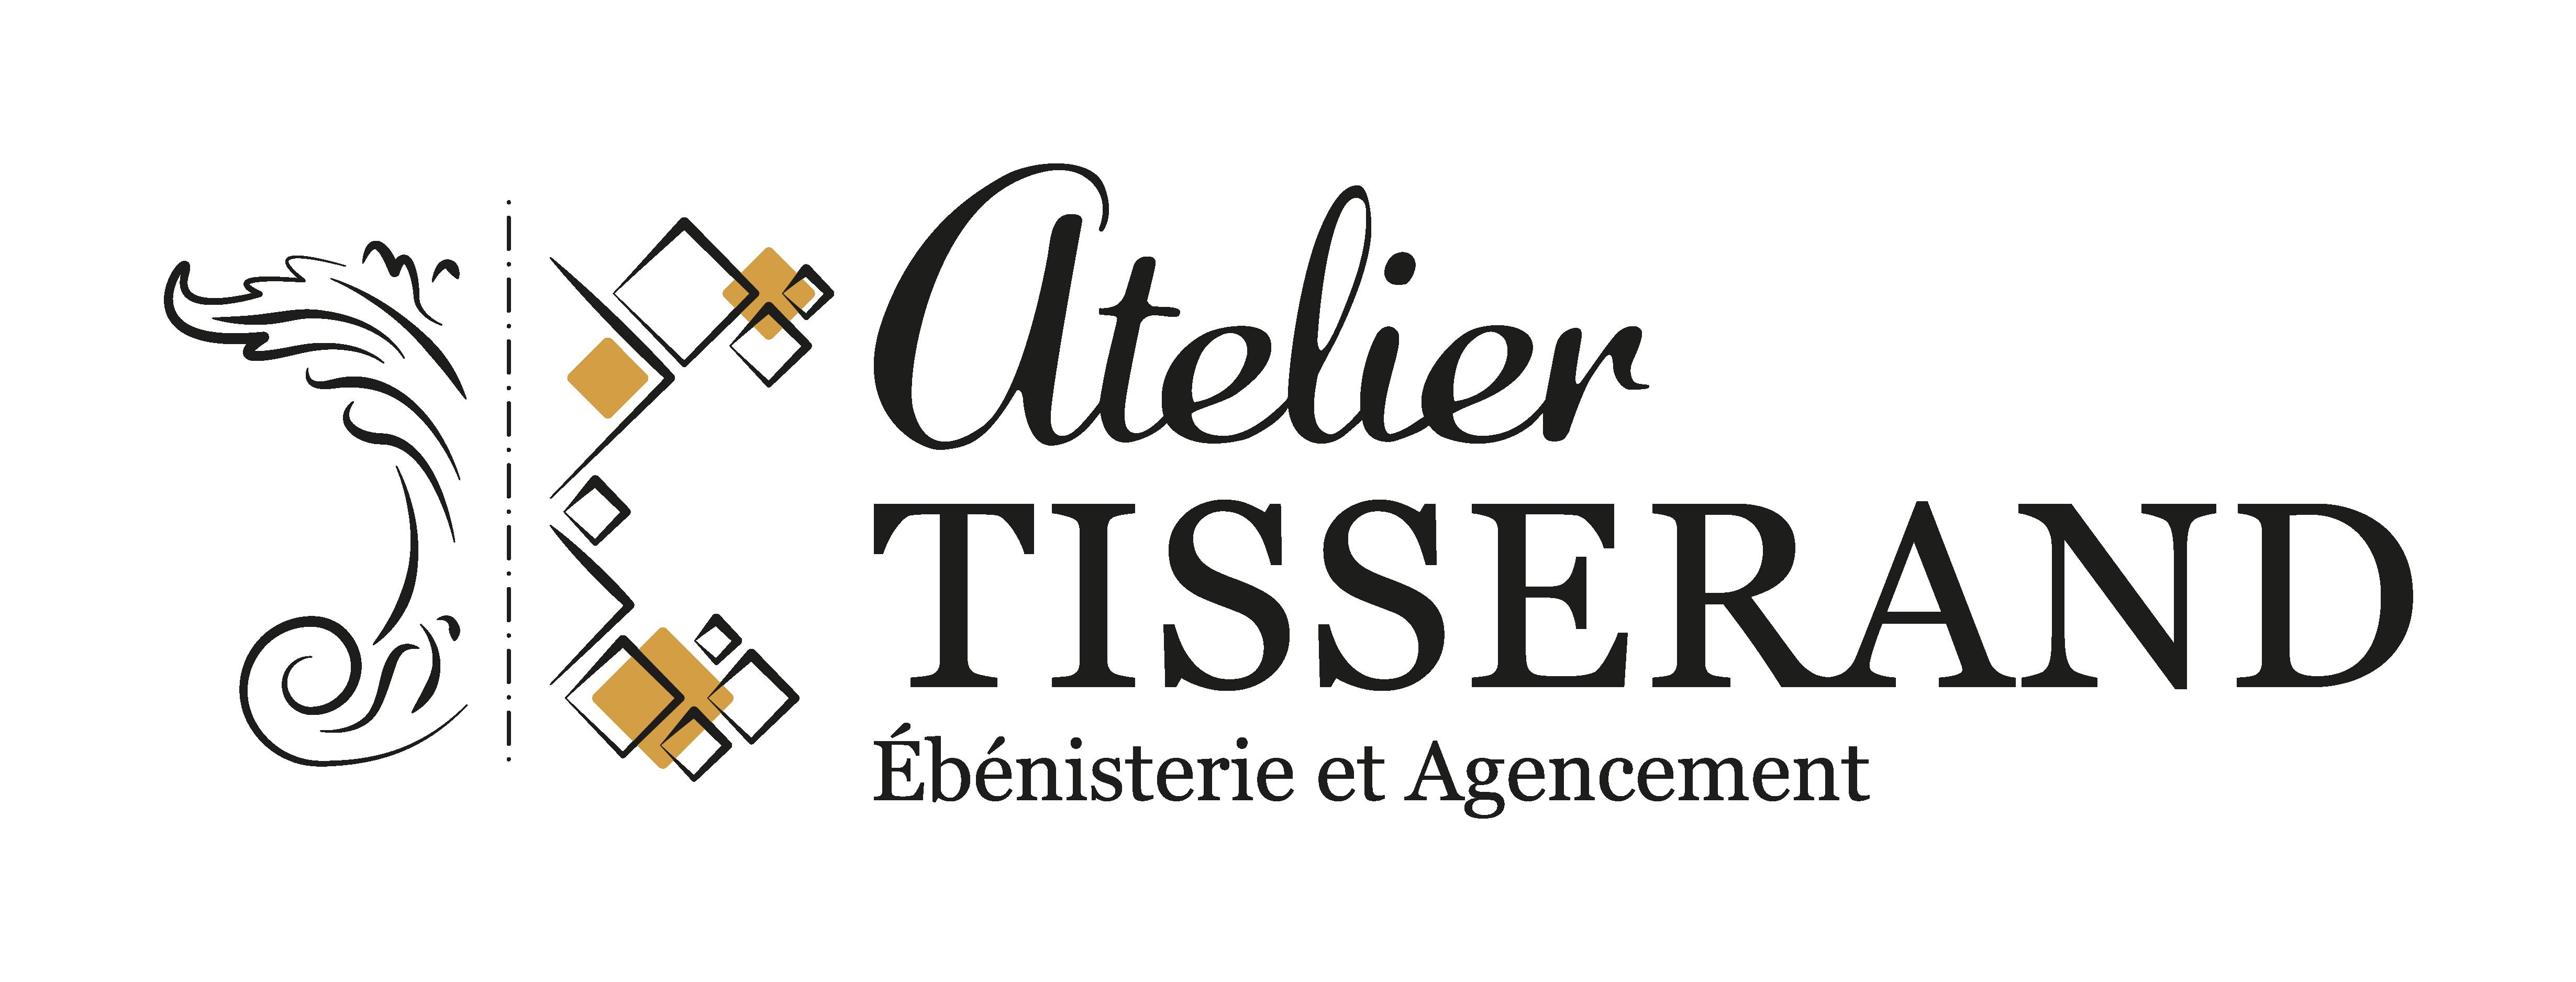 Atelier Tisserand - Logo de la société